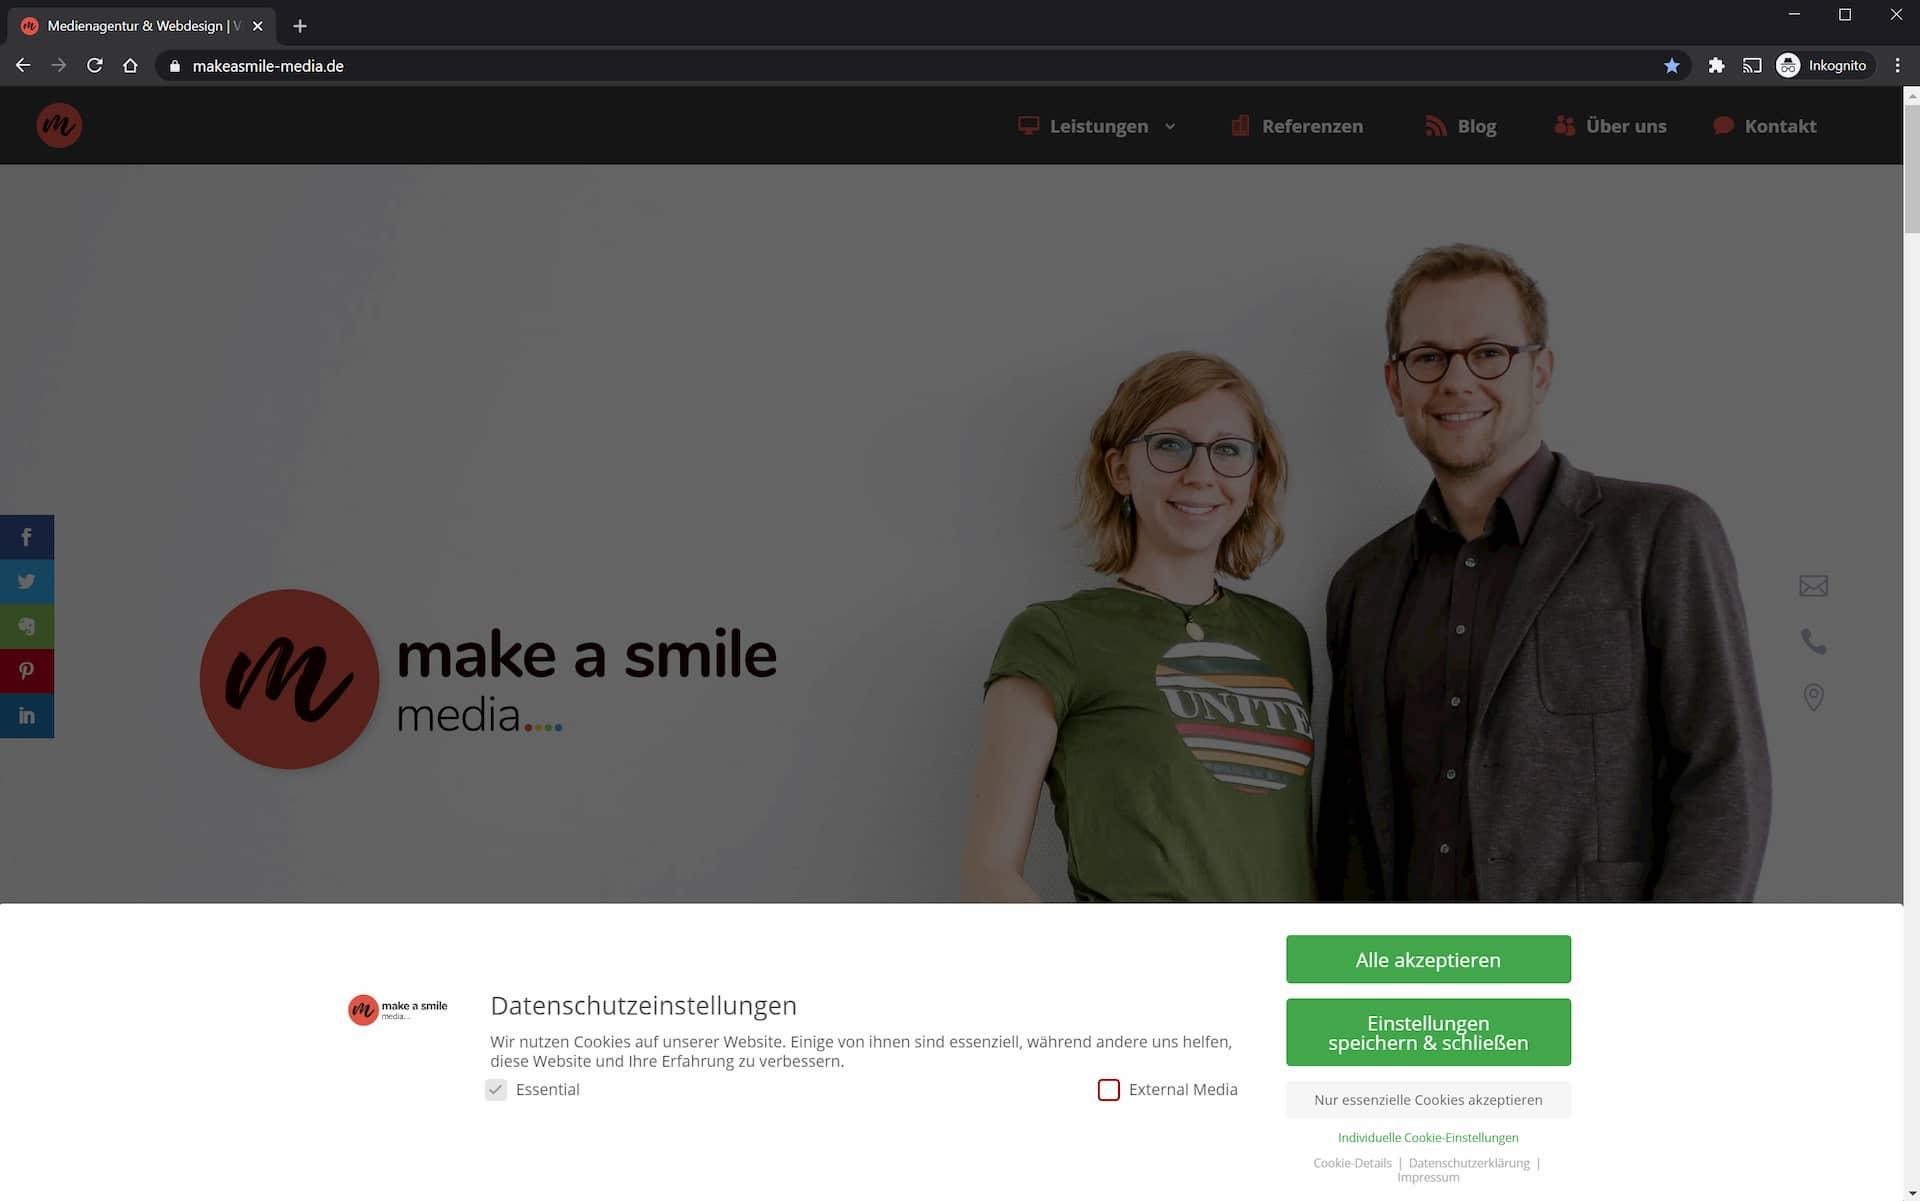 Datenschutz und DSGVO im Webdesign 5